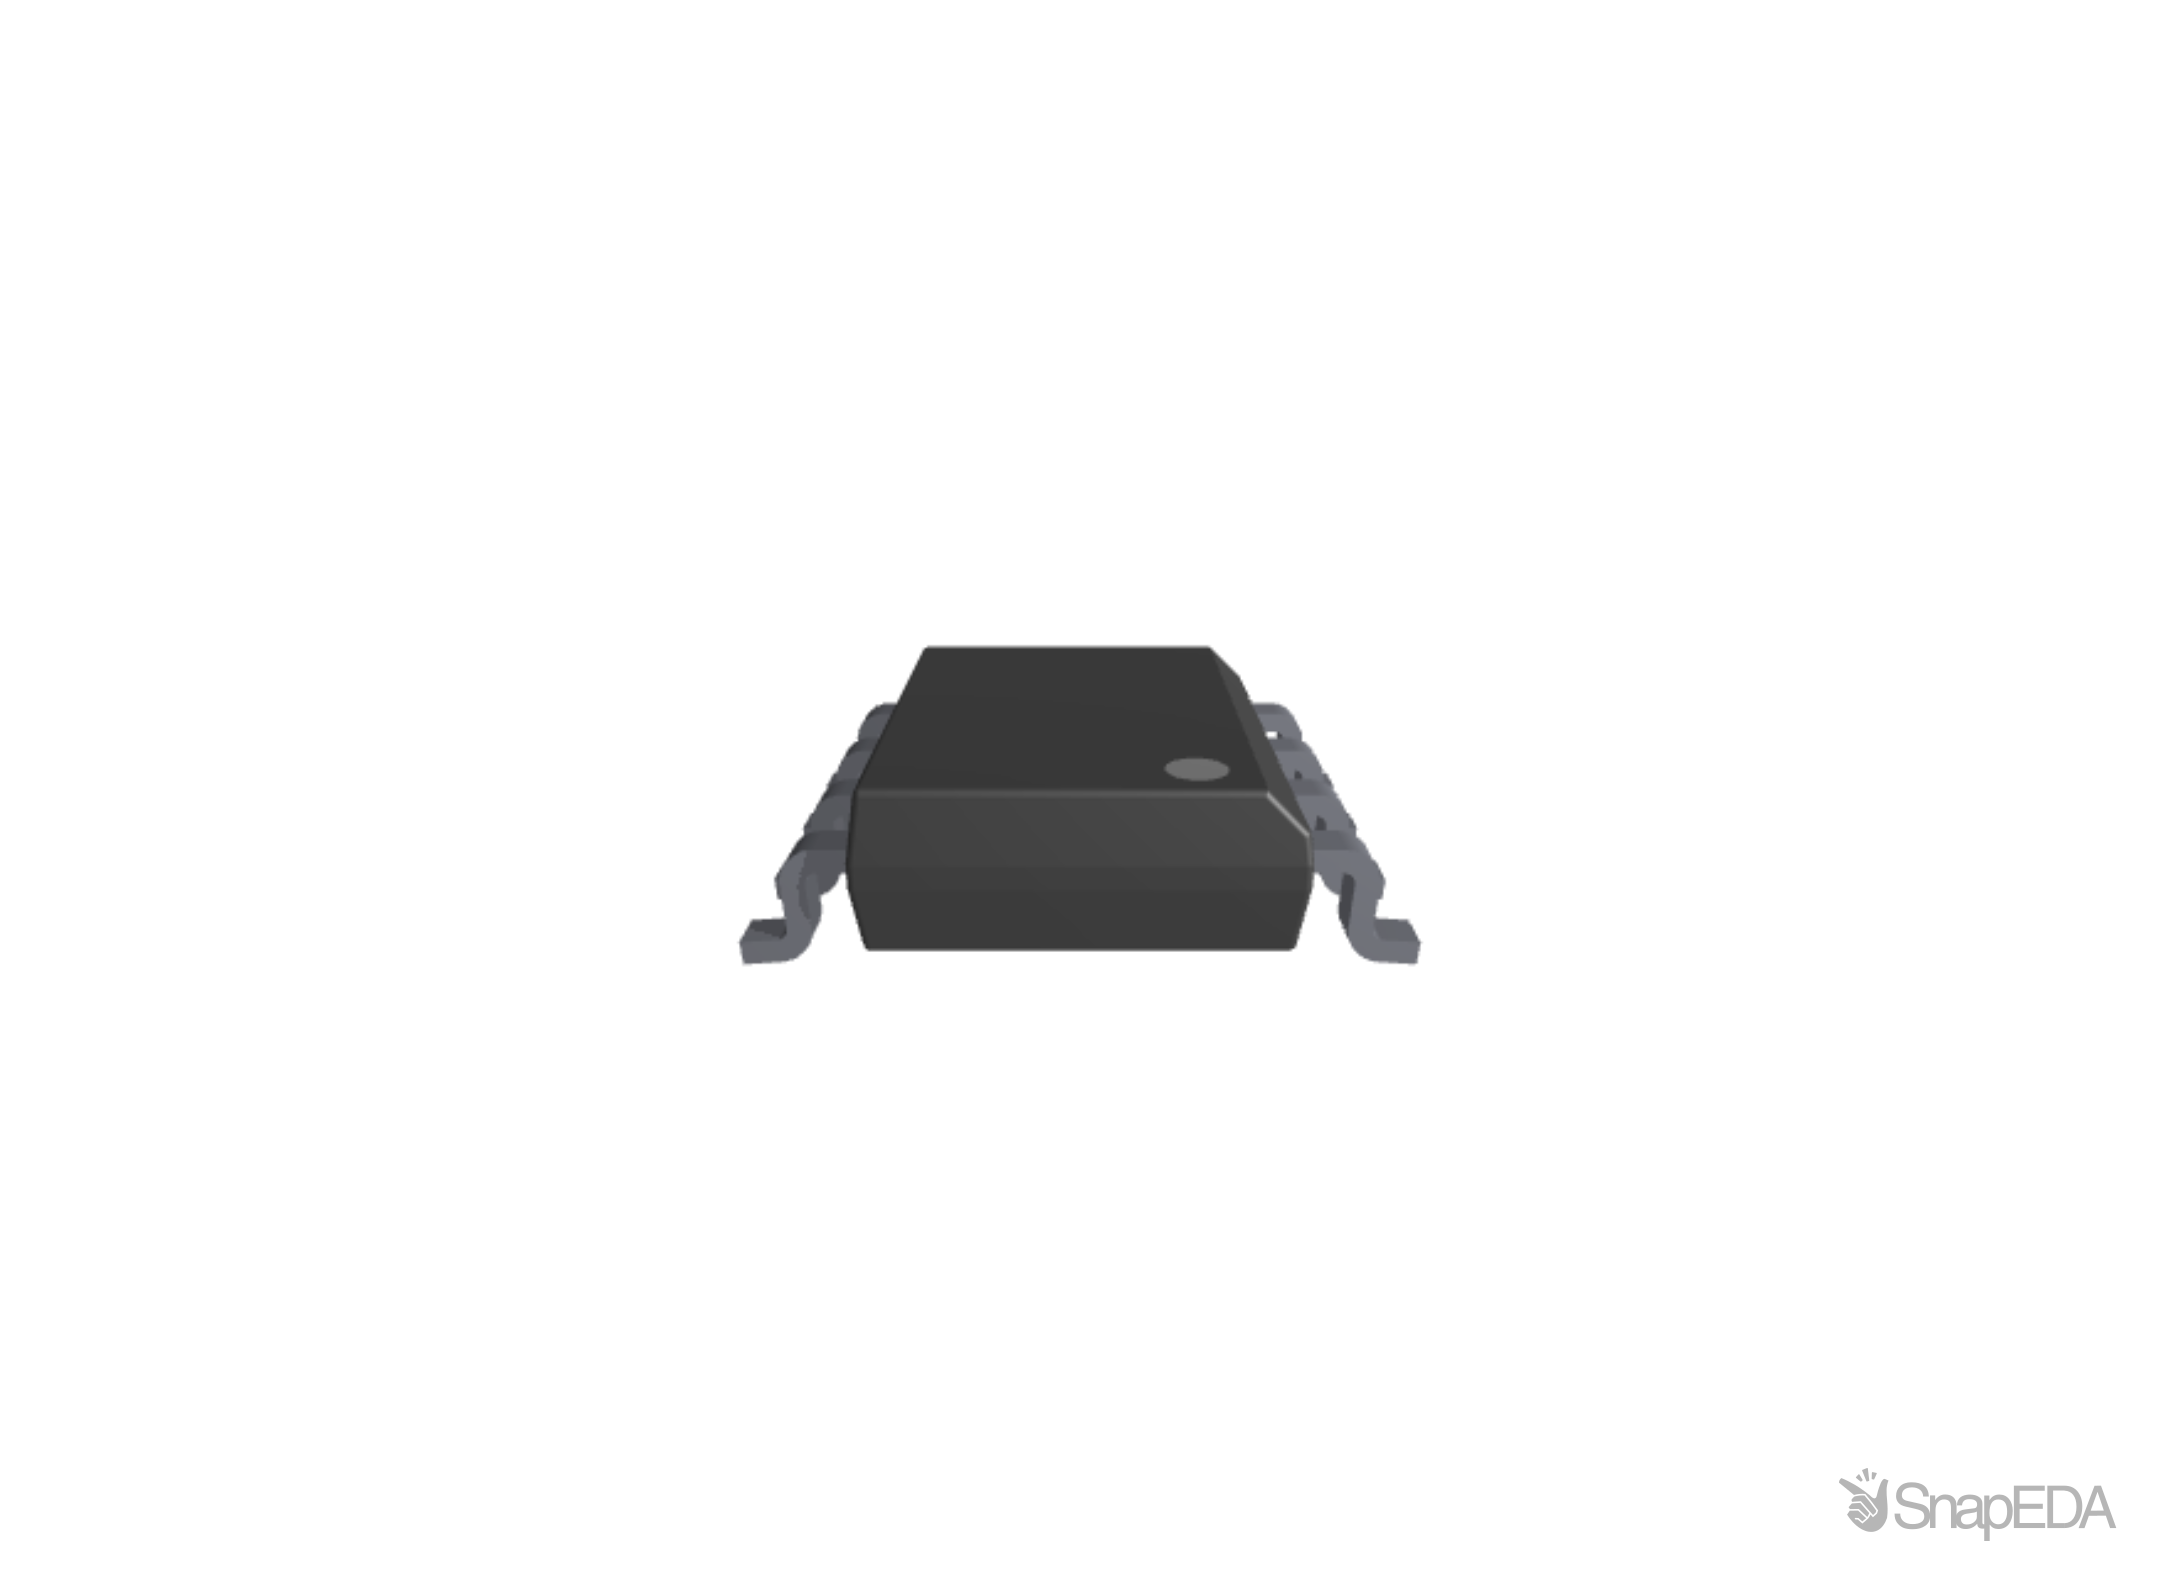 SN65HVD72DR 3D Model